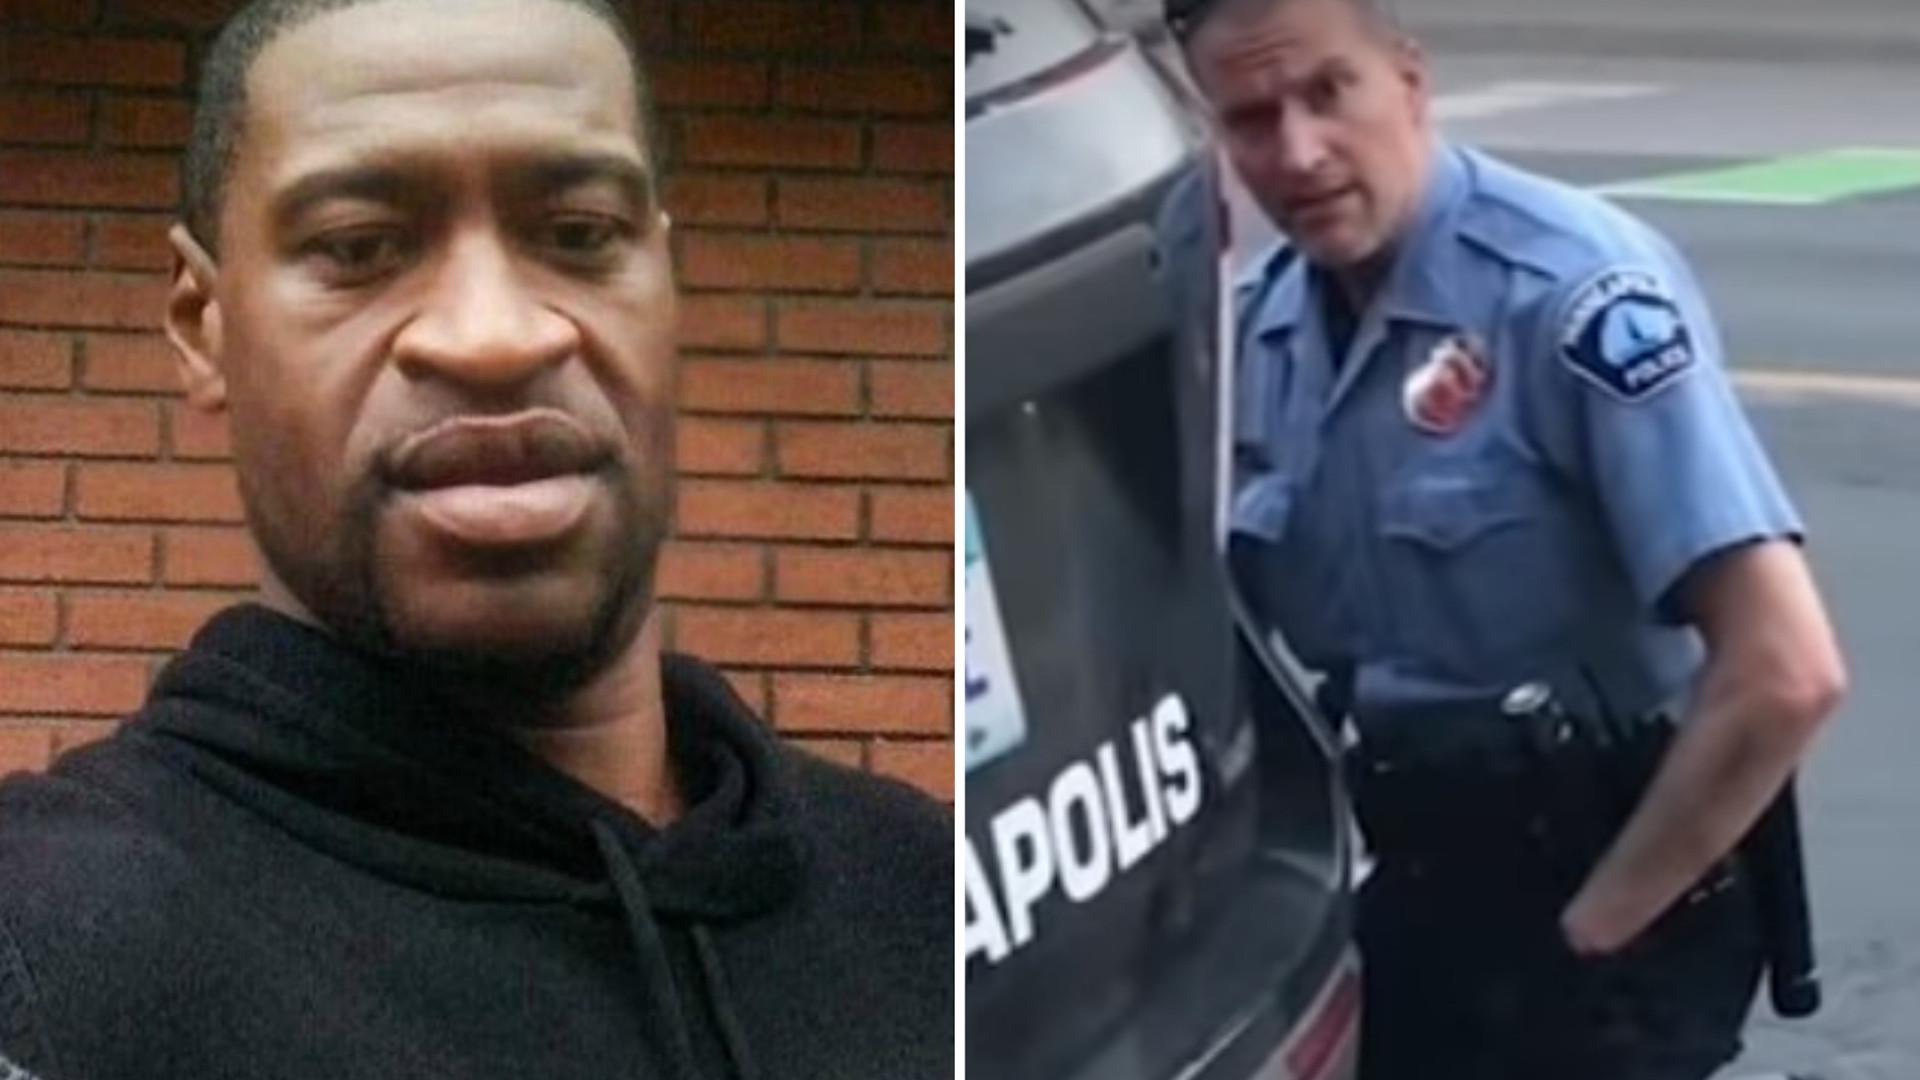 Aresztowano policjanta, który dusił George'a Floyda. Grozi mu do 25 lat więzienia